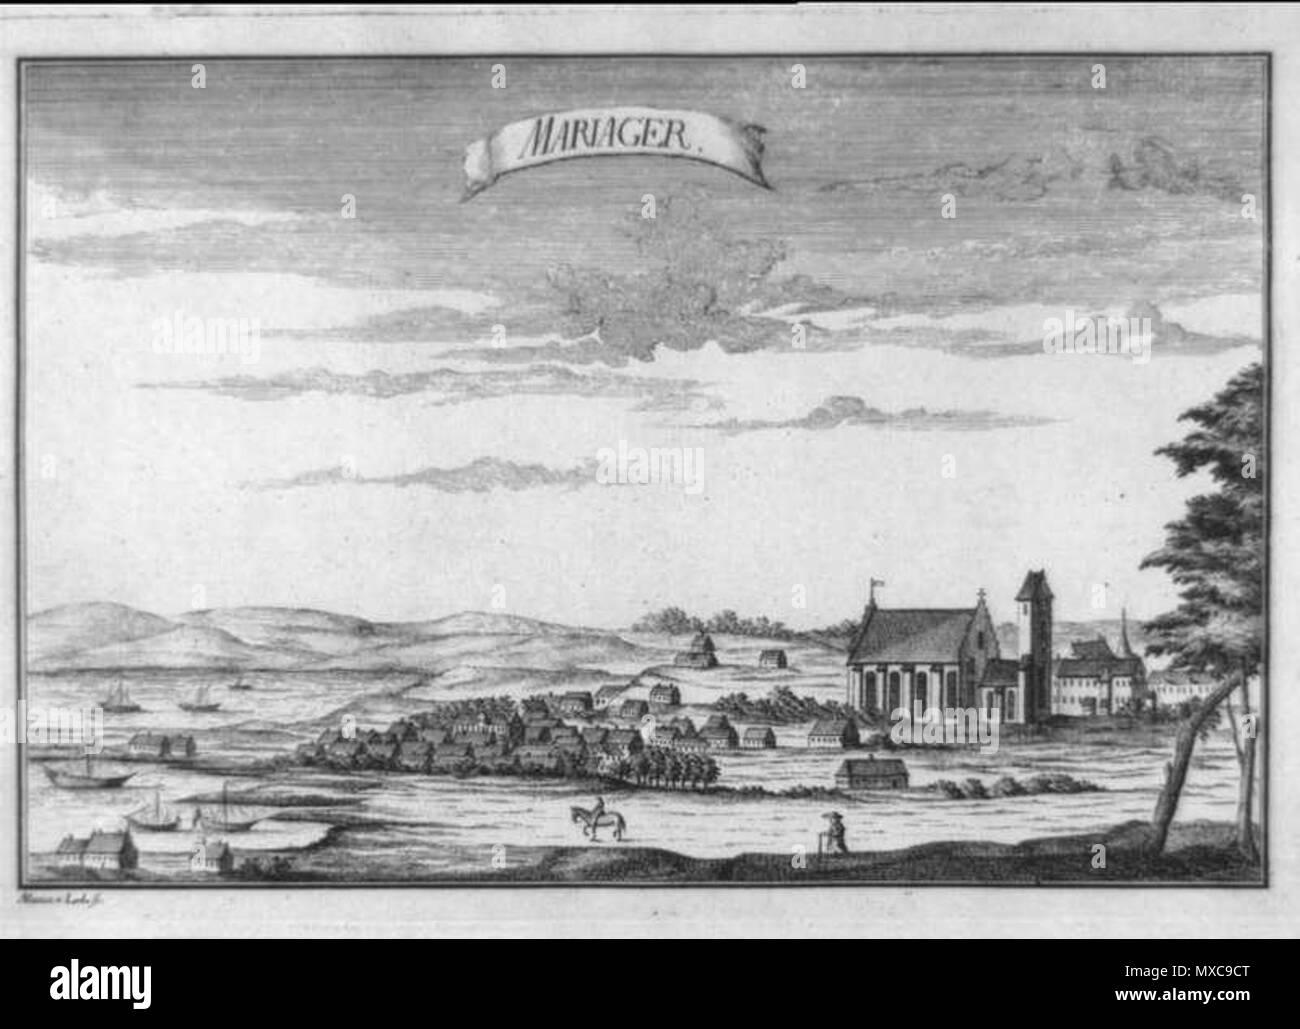 Mariager, kobberstik af Lode, Alexia v. . Alexia de Lode (1737-1765) 398  Mariager mp001365